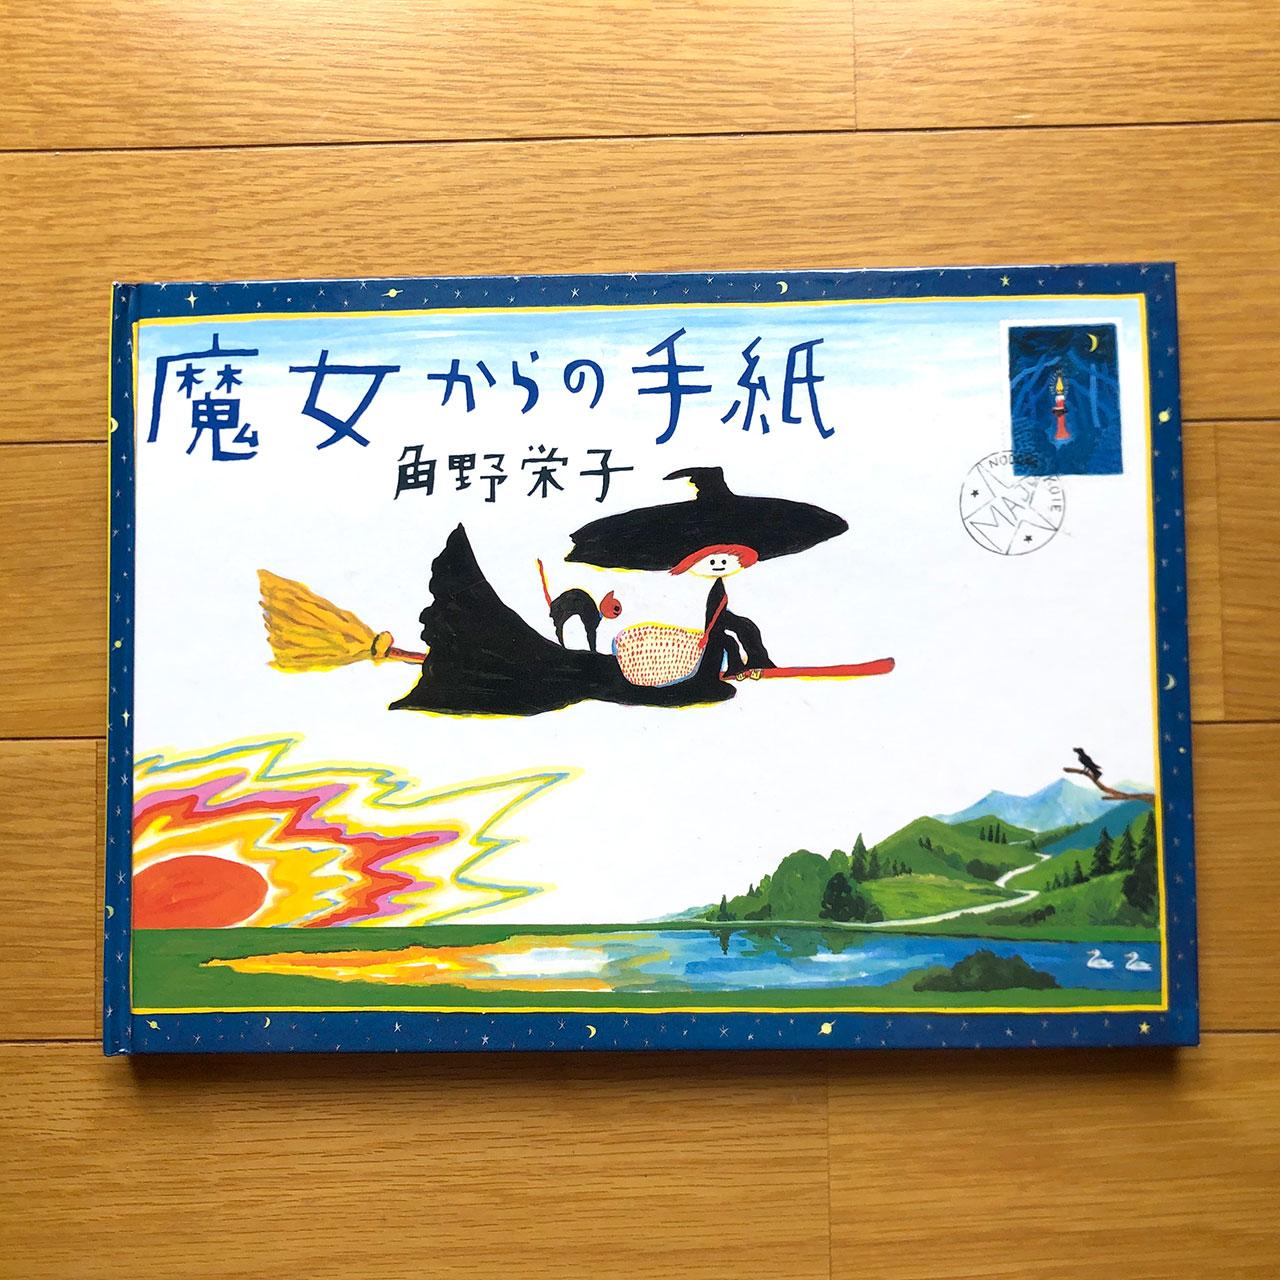 絵本 『 魔女からの手紙』